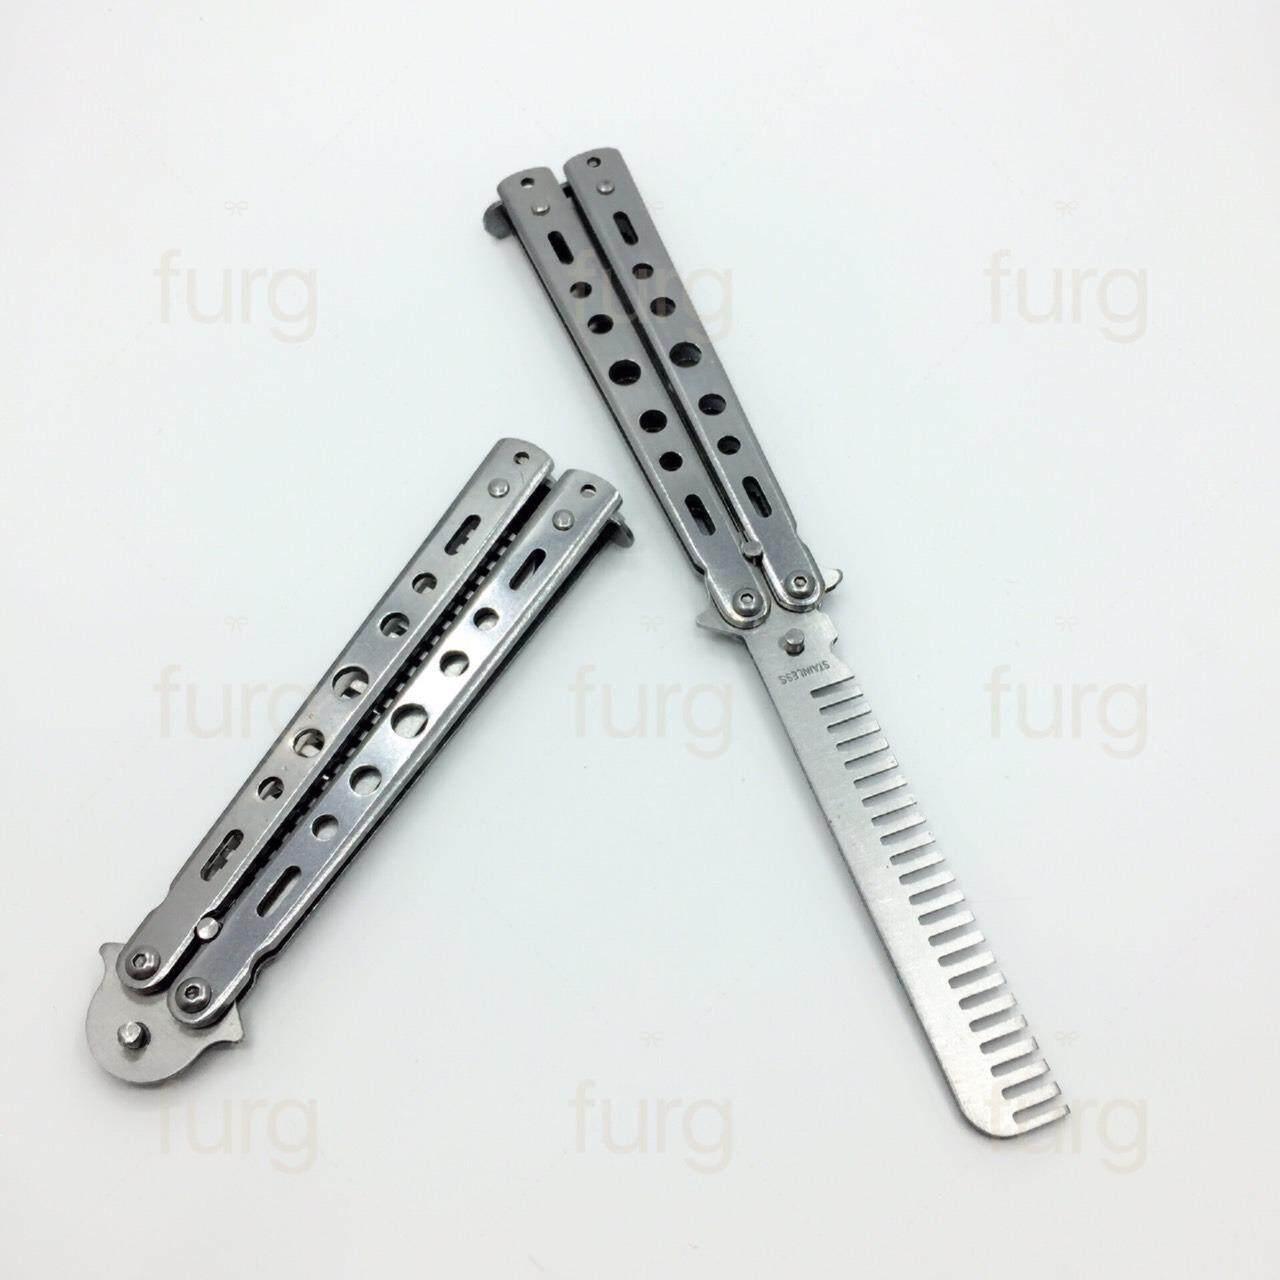 ซื้อ Furg Balisong Knife มีดบาลิซอง มีดฝึกปลายหวี ไม่คม มีดควง มีดซ้อม มีดสะสม ถูก